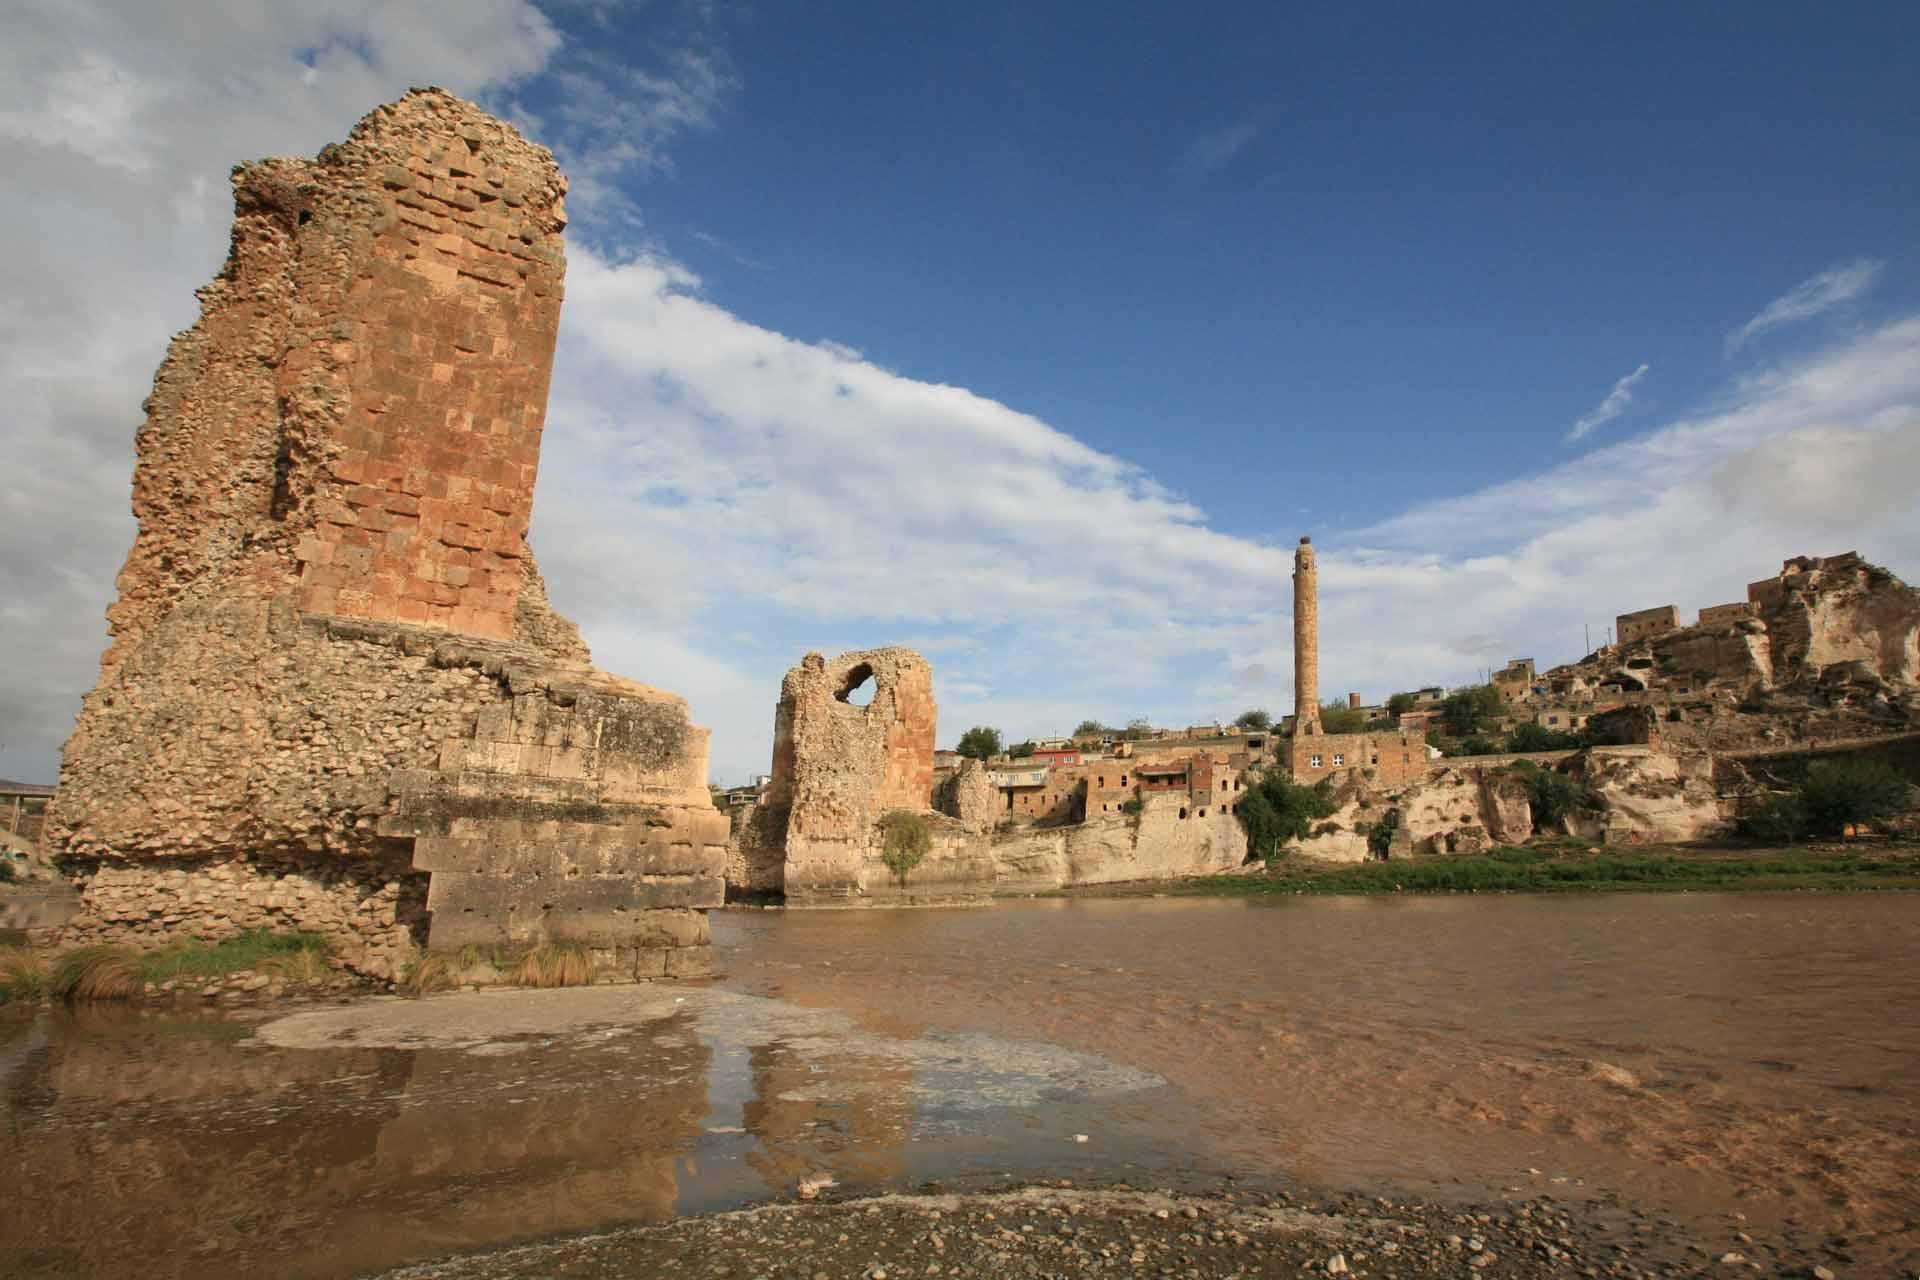 Die einzigartigen Pfeiler der alten Steinbrücke, waren ein wichtiger Teil der Seidenstraße, die hier den Tigris überquerte. Diese archäologisch wertvollen Relikte bilden einen wichtigen Teil der Identität der Menschen in der Region.